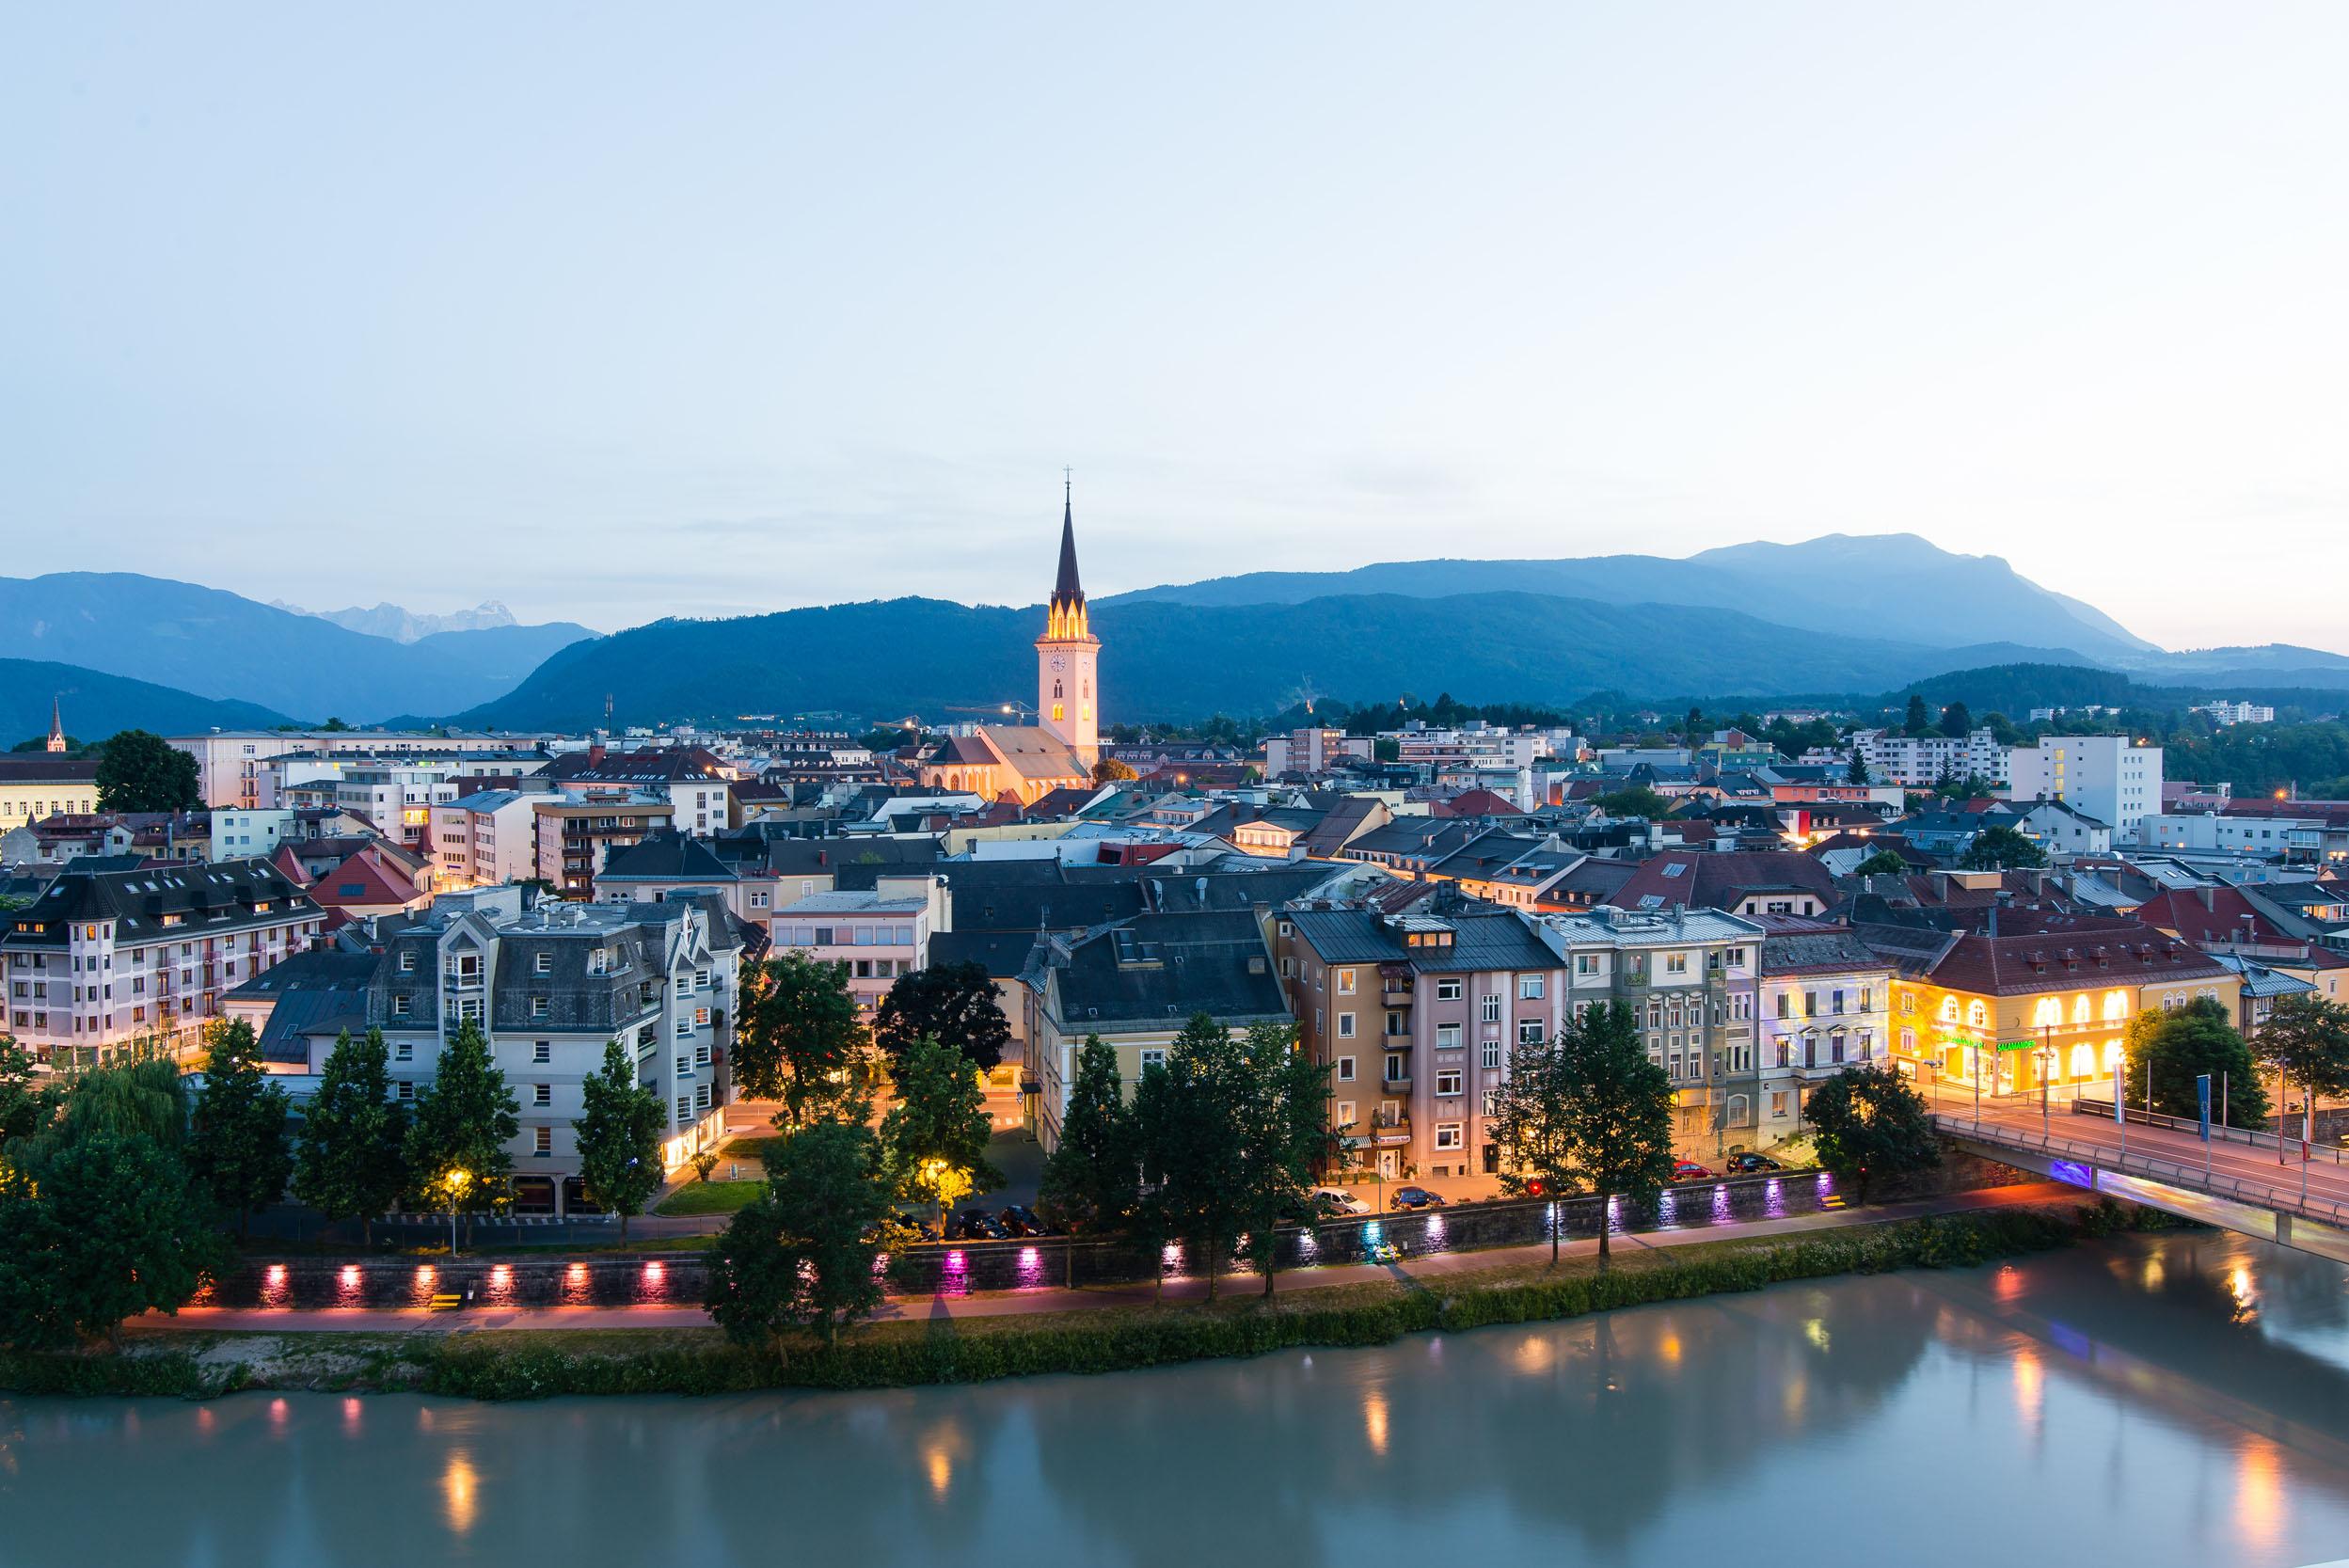 Die Stadt mit zahlreichen Ausflugszielen in Villach und Umgebung